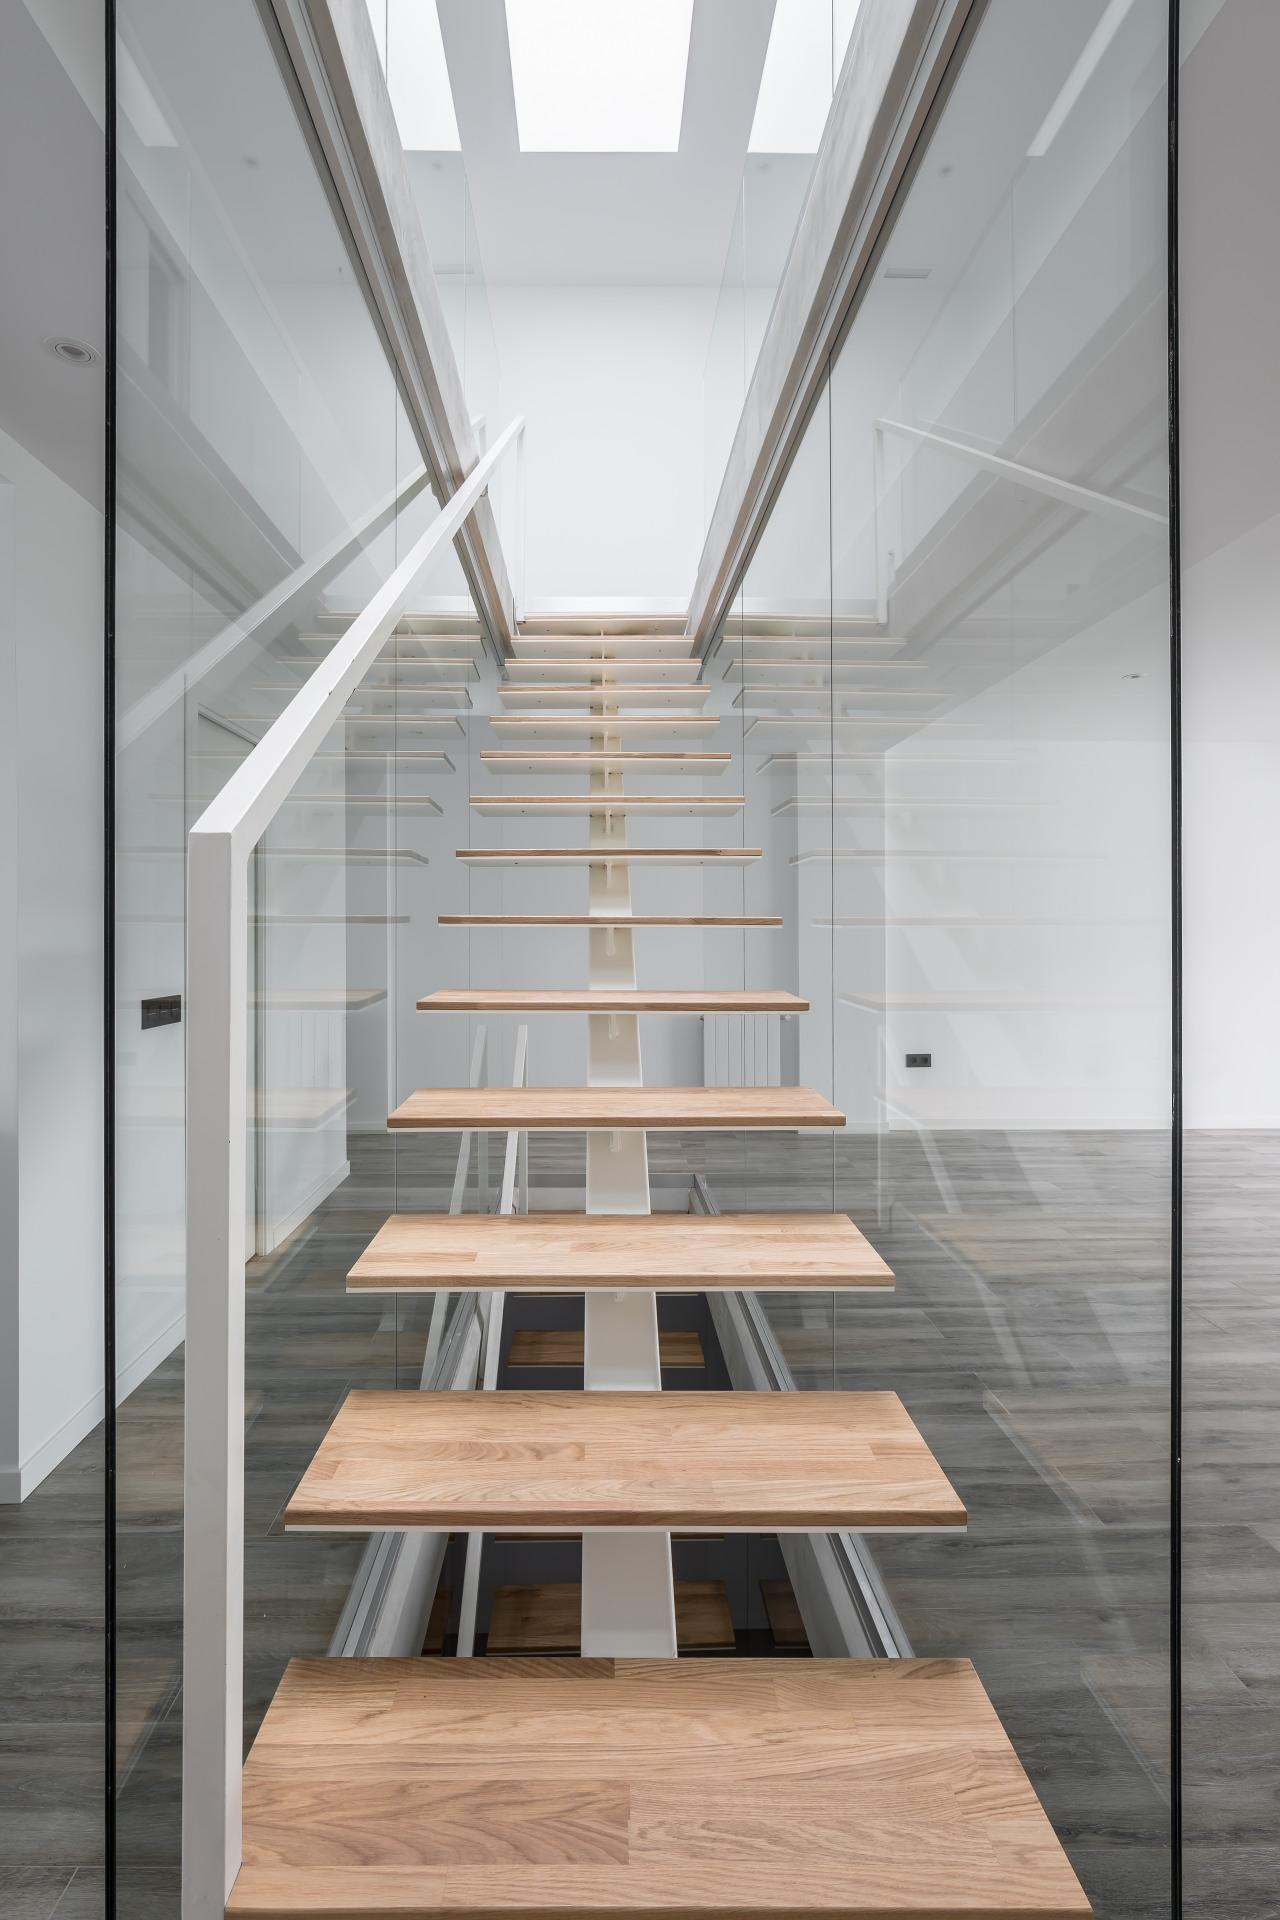 fotografia-arquitectura-valencia-puig-german-cabo-viraje-v15 (12)